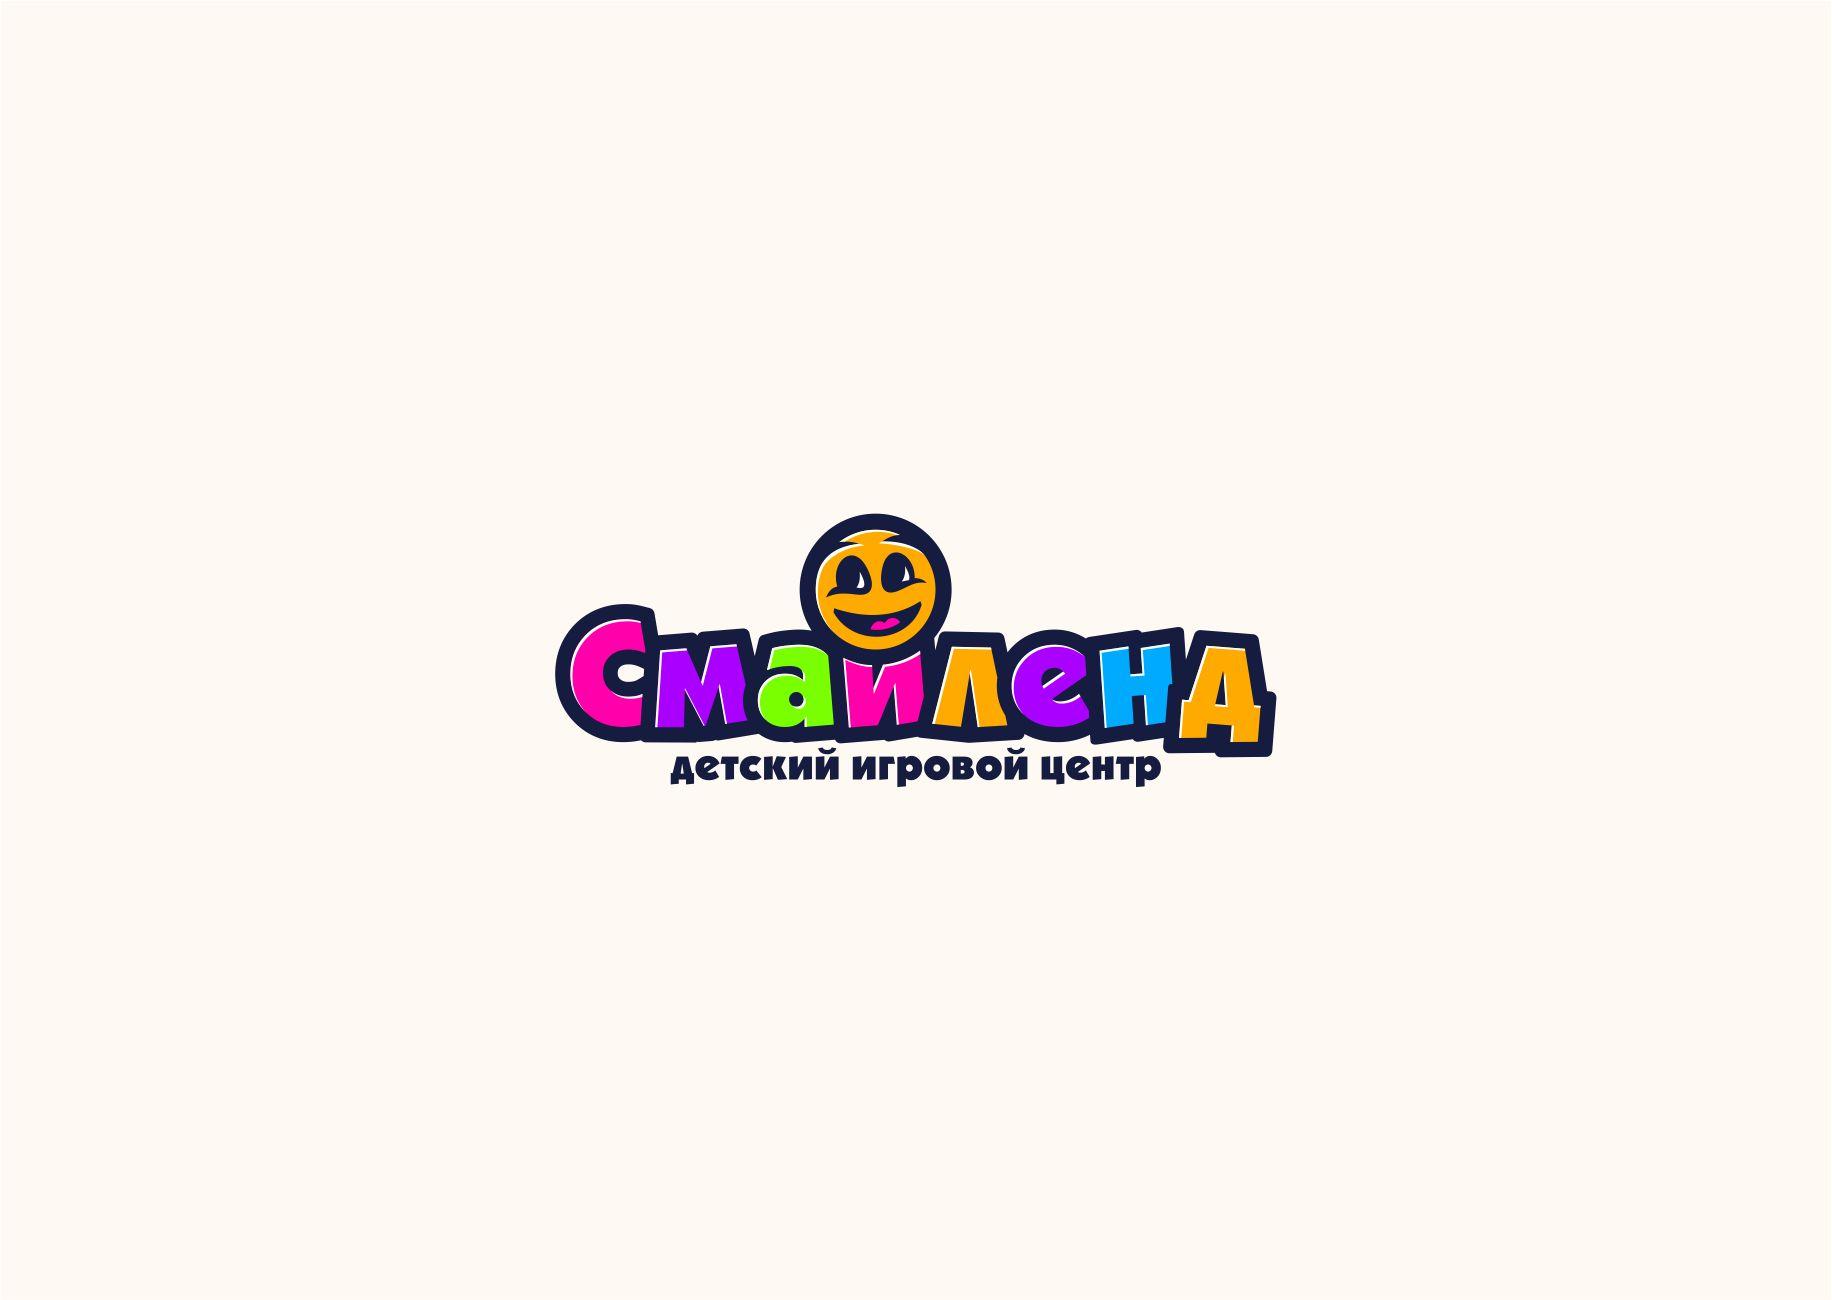 Логотип, стиль для детского игрового центра. фото f_5785a40a32492cad.jpg